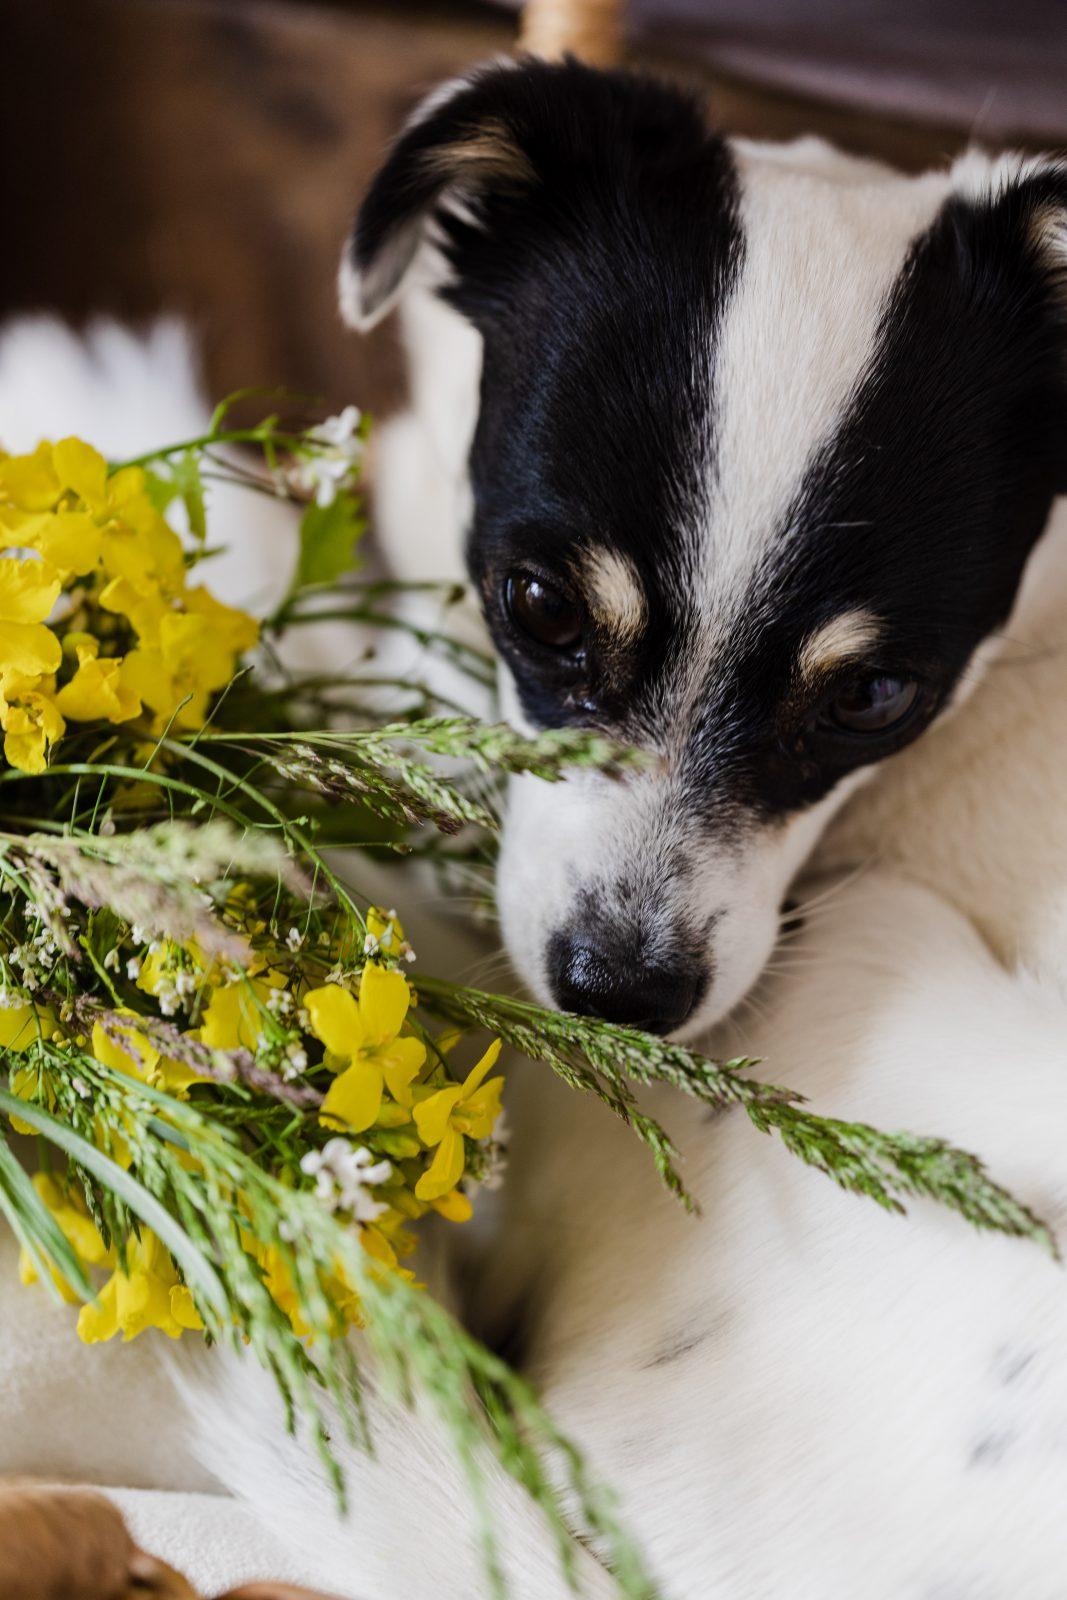 cute dog with bunch of yellow wildflowers 4466626 - Jardins e vasos ornamentais escondem perigos tentadores para cães e gatos